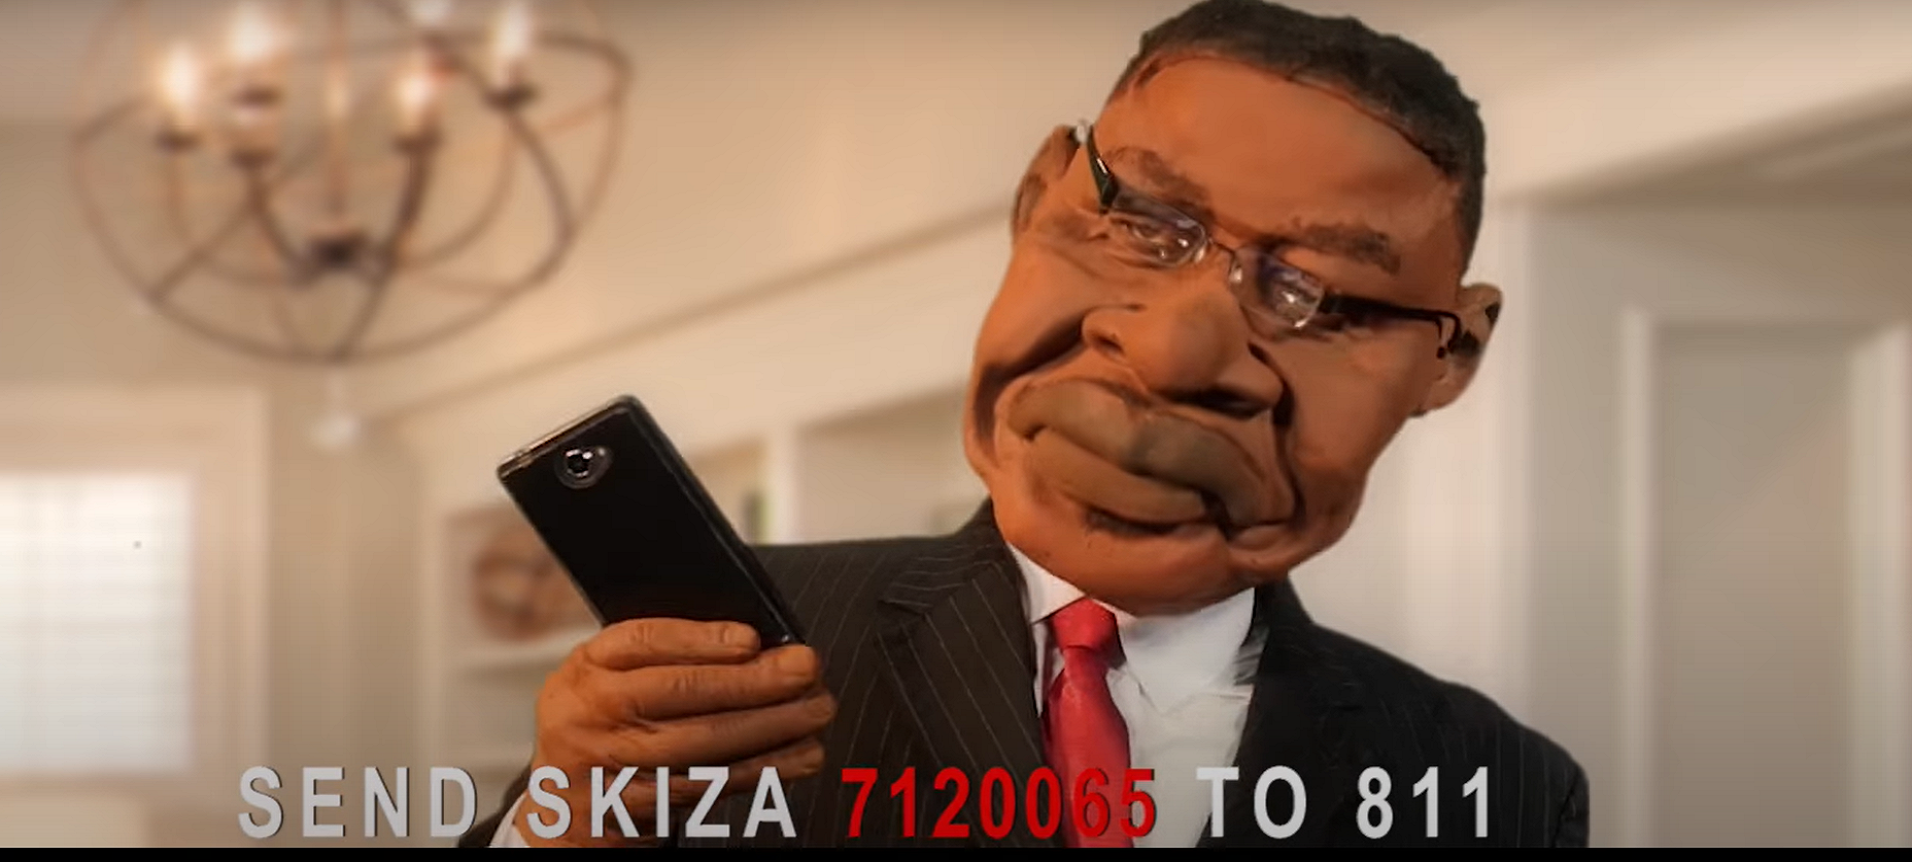 honorable member skiza tune